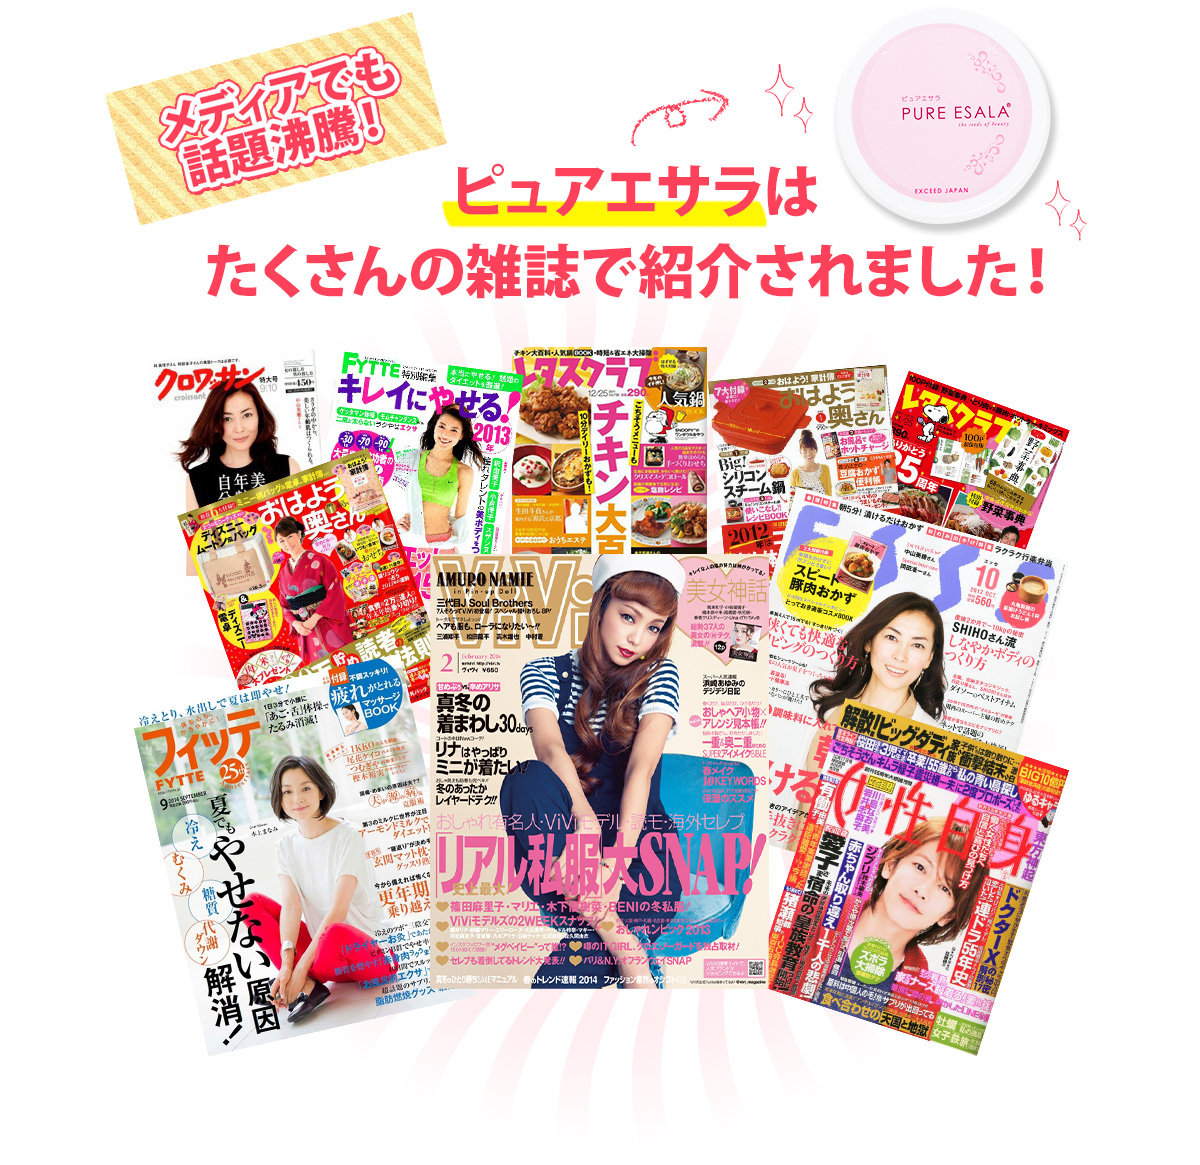 ピュアエサラはたくさんの雑誌で紹介されました